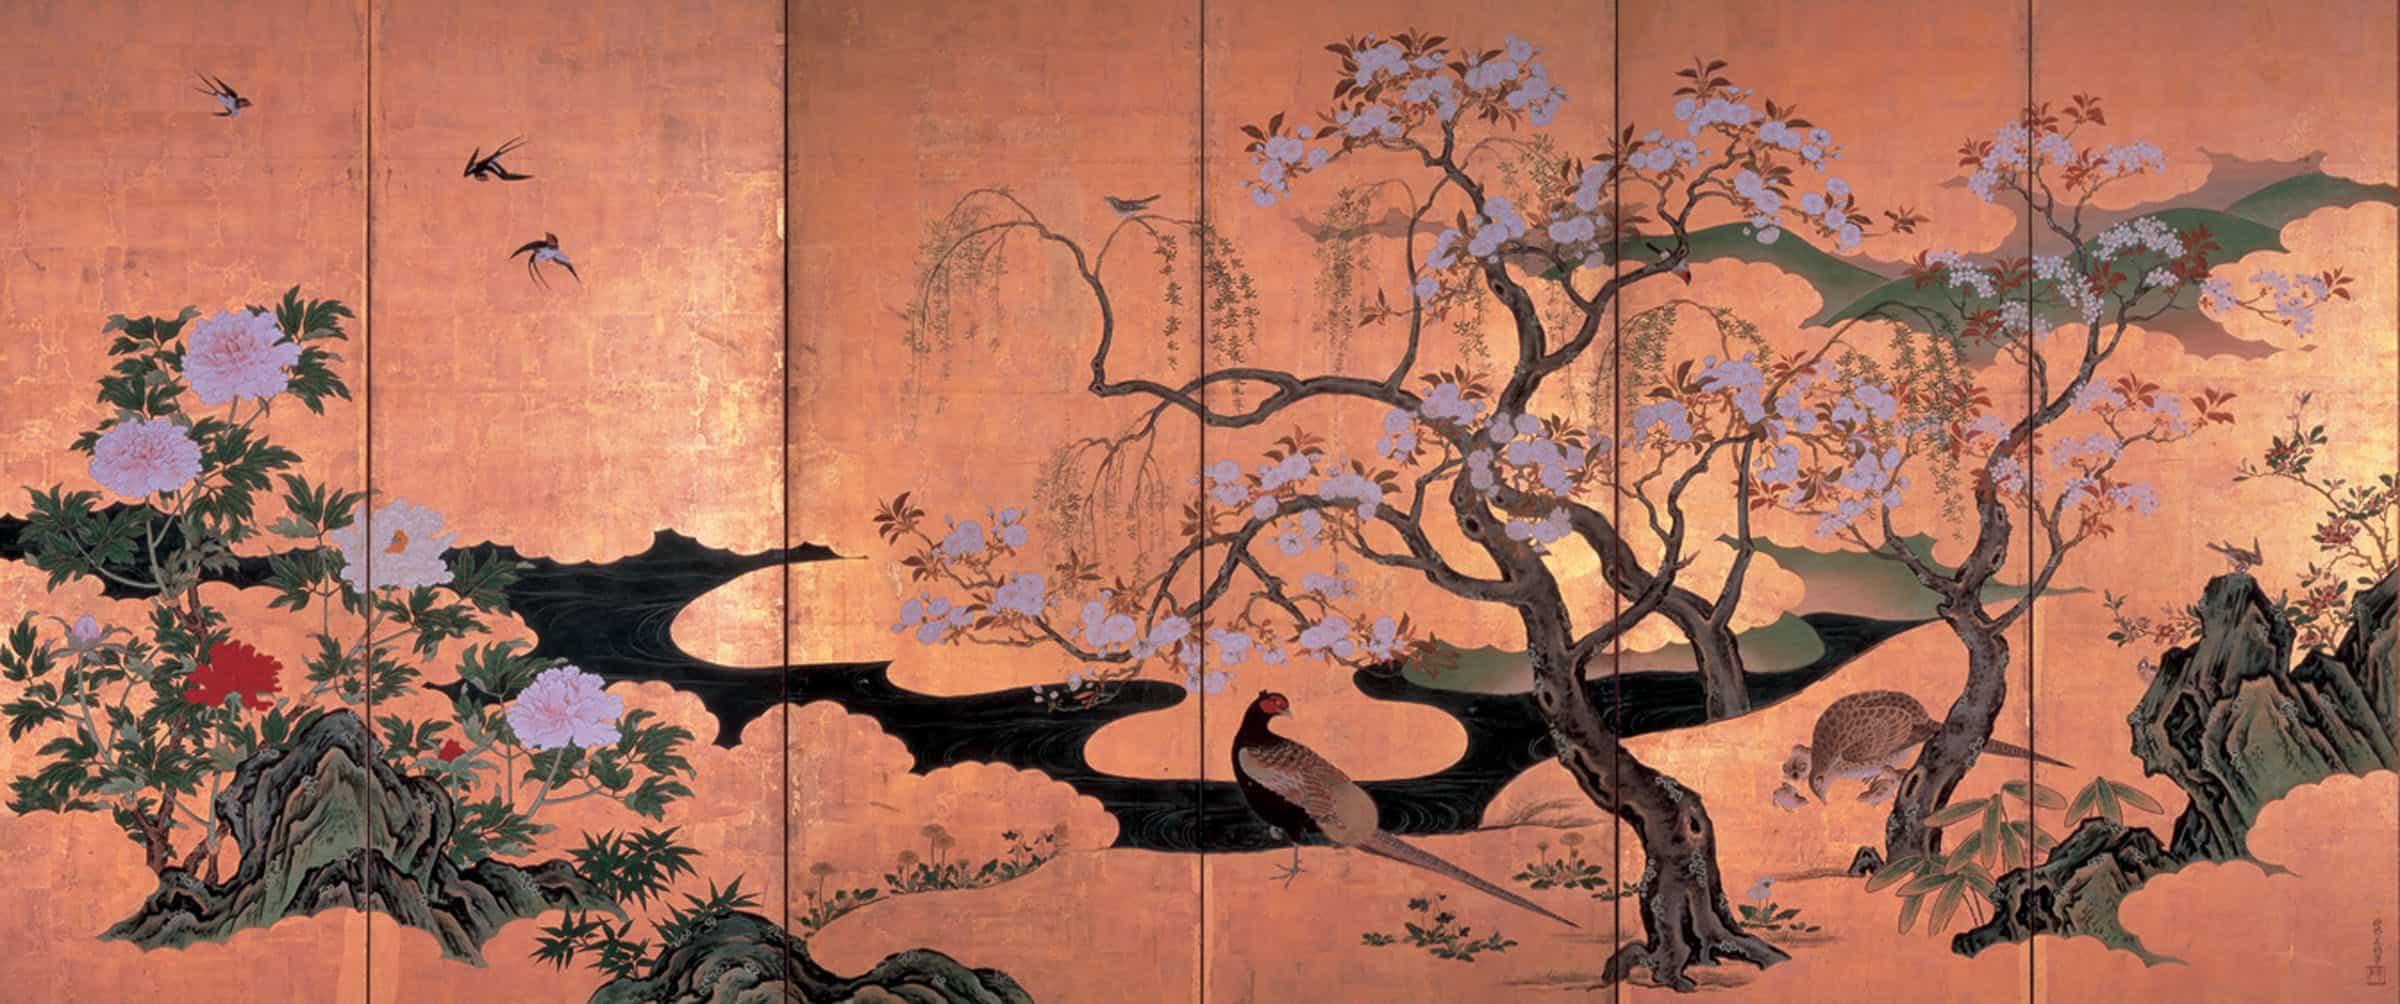 فن ياباني أربع قصائد يابانيّة ـــ شعر: تاكيناكا ايكو[1] ـ ترجمة:.عدنان بغجاتي